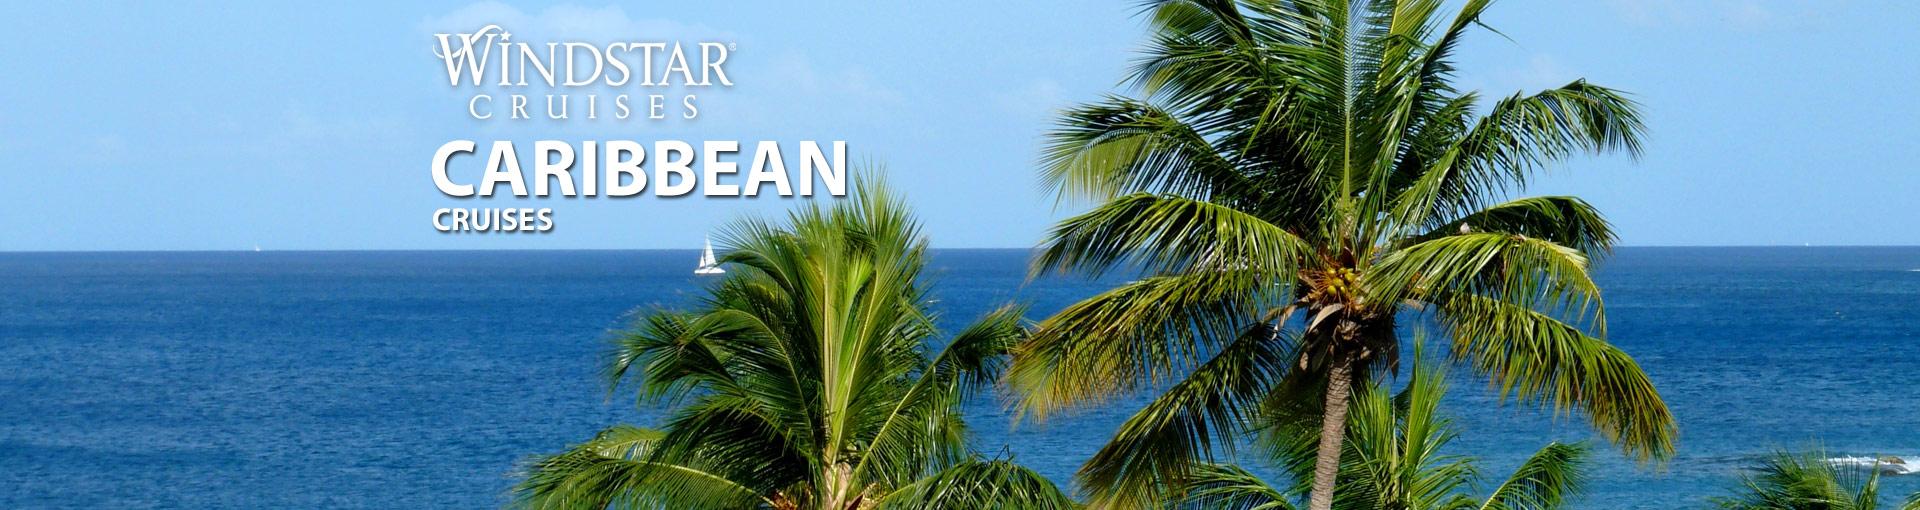 Best Caribbean Cruise Destinations 2017 2018  Punchaoscom